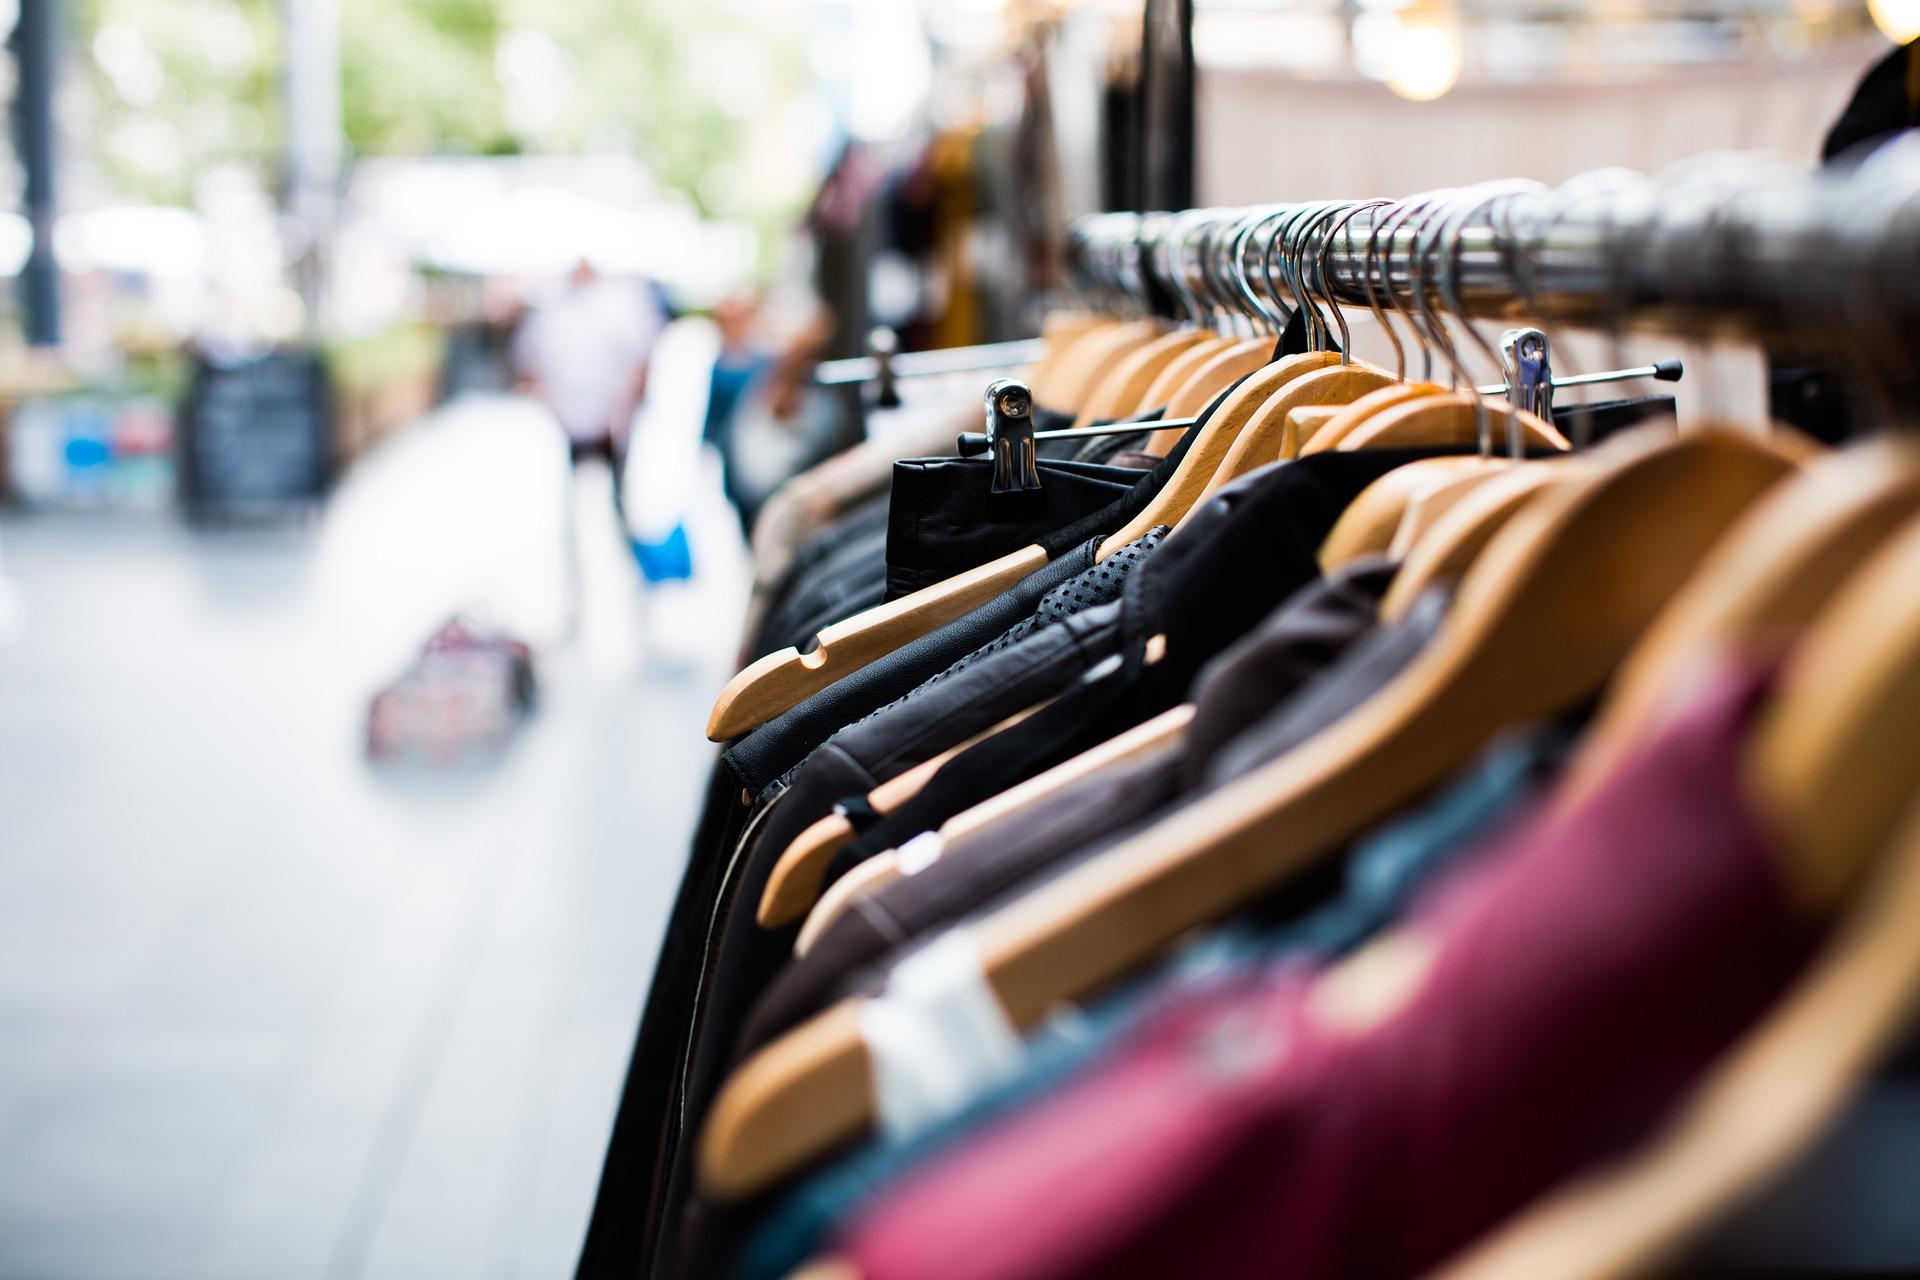 Photo of clothing rack